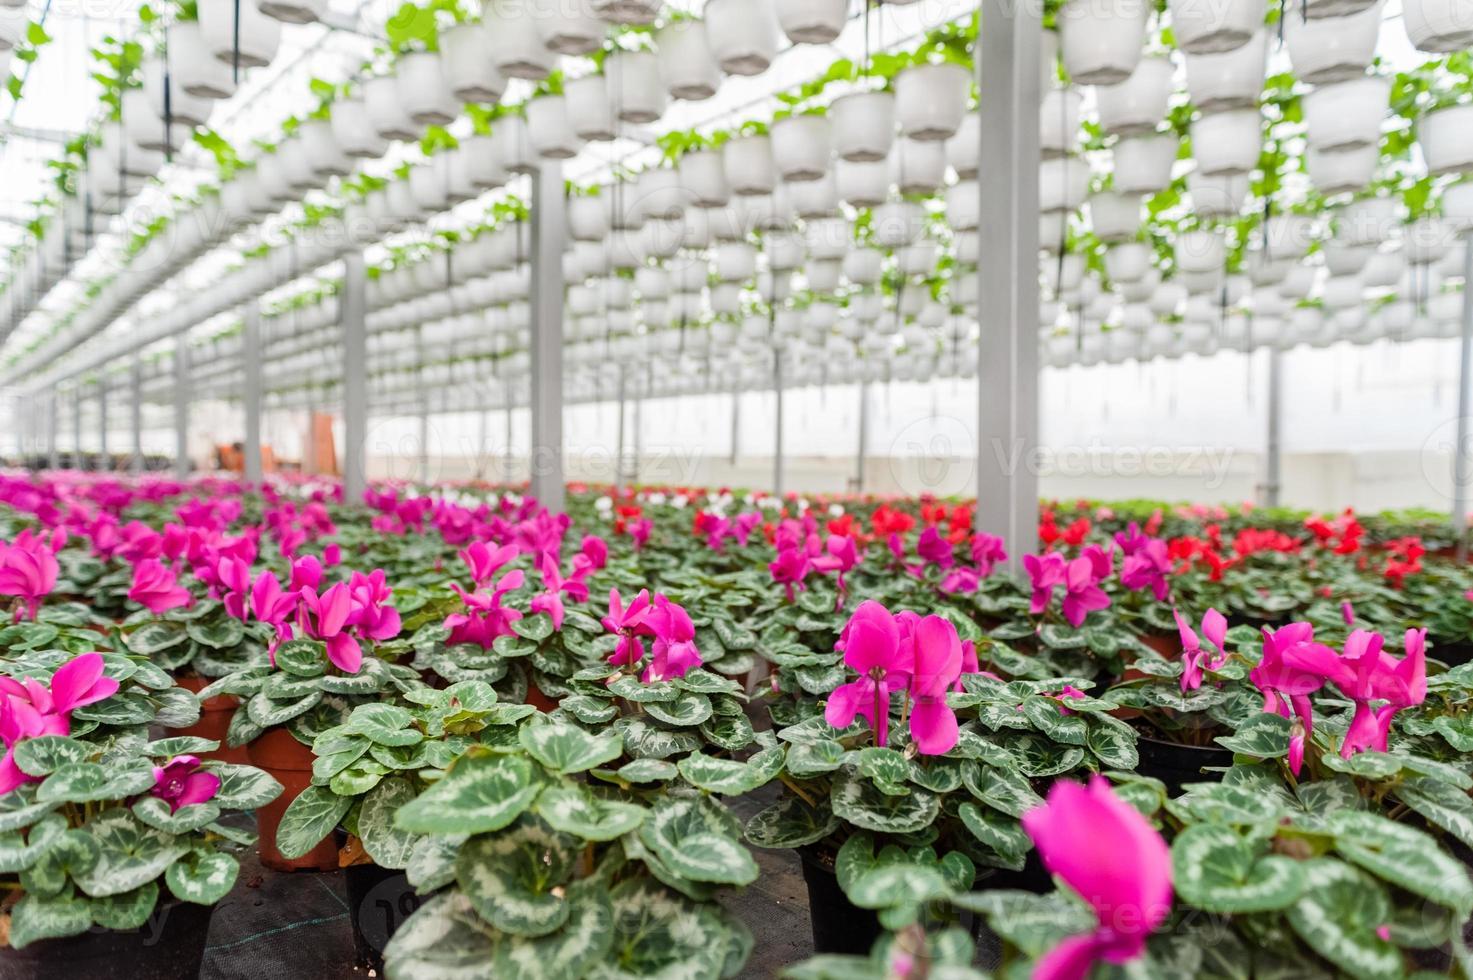 blommakultur i ett växthus foto